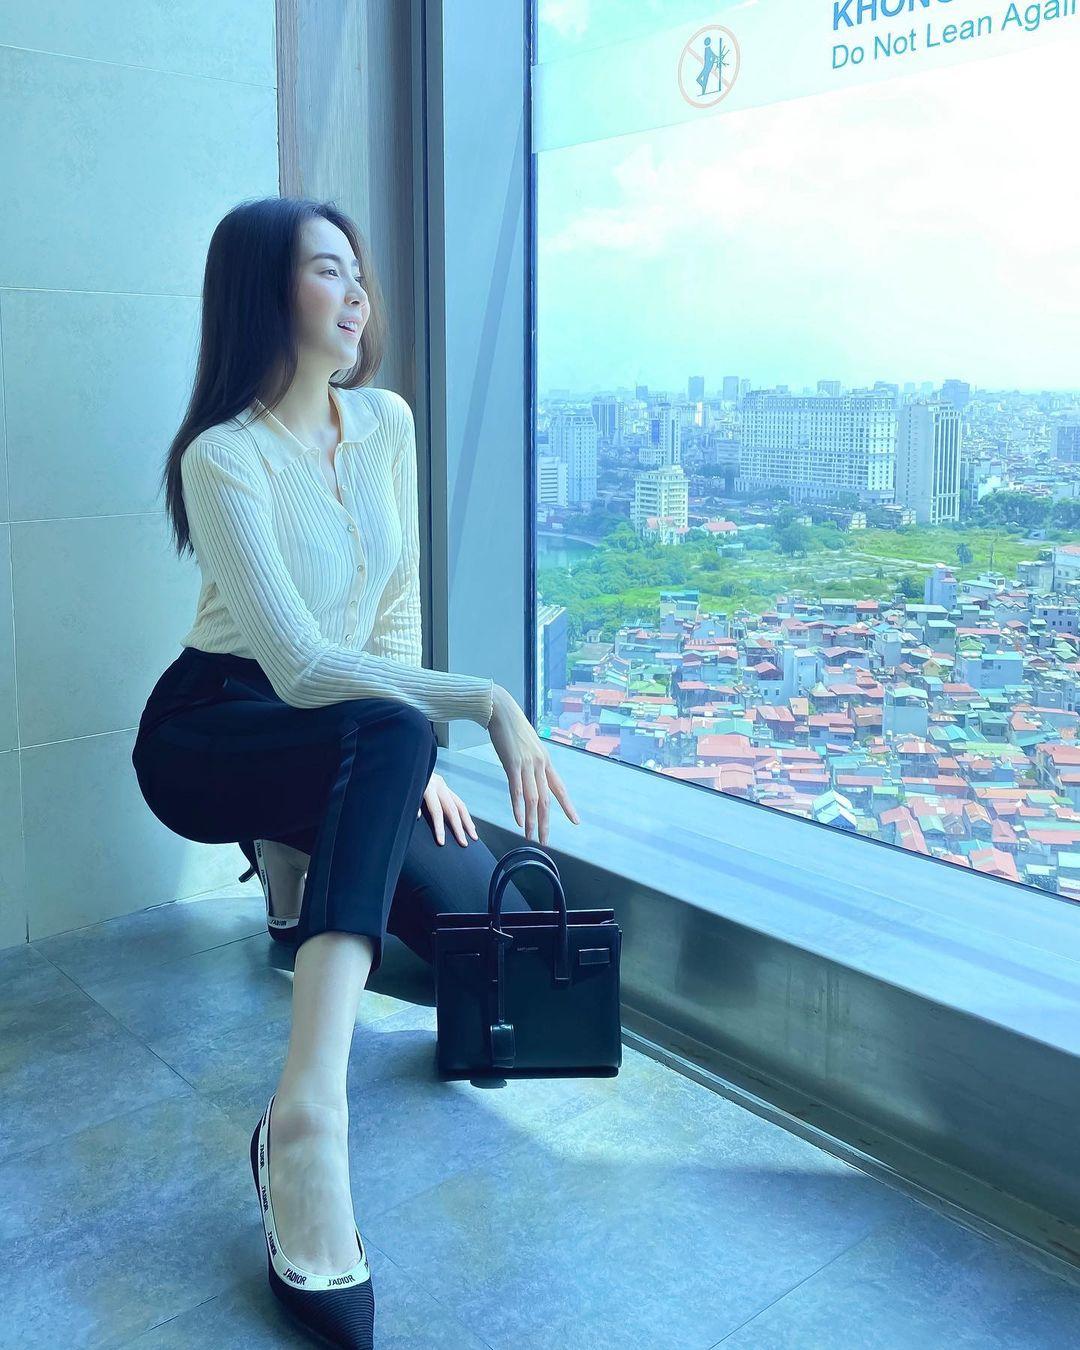 """Sao Việt diện áo trắng trong mùa lạnh: Nàng nào cũng trẻ hẳn ra, ghi điểm sành điệu """"dễ như chơi"""" - Ảnh 7."""